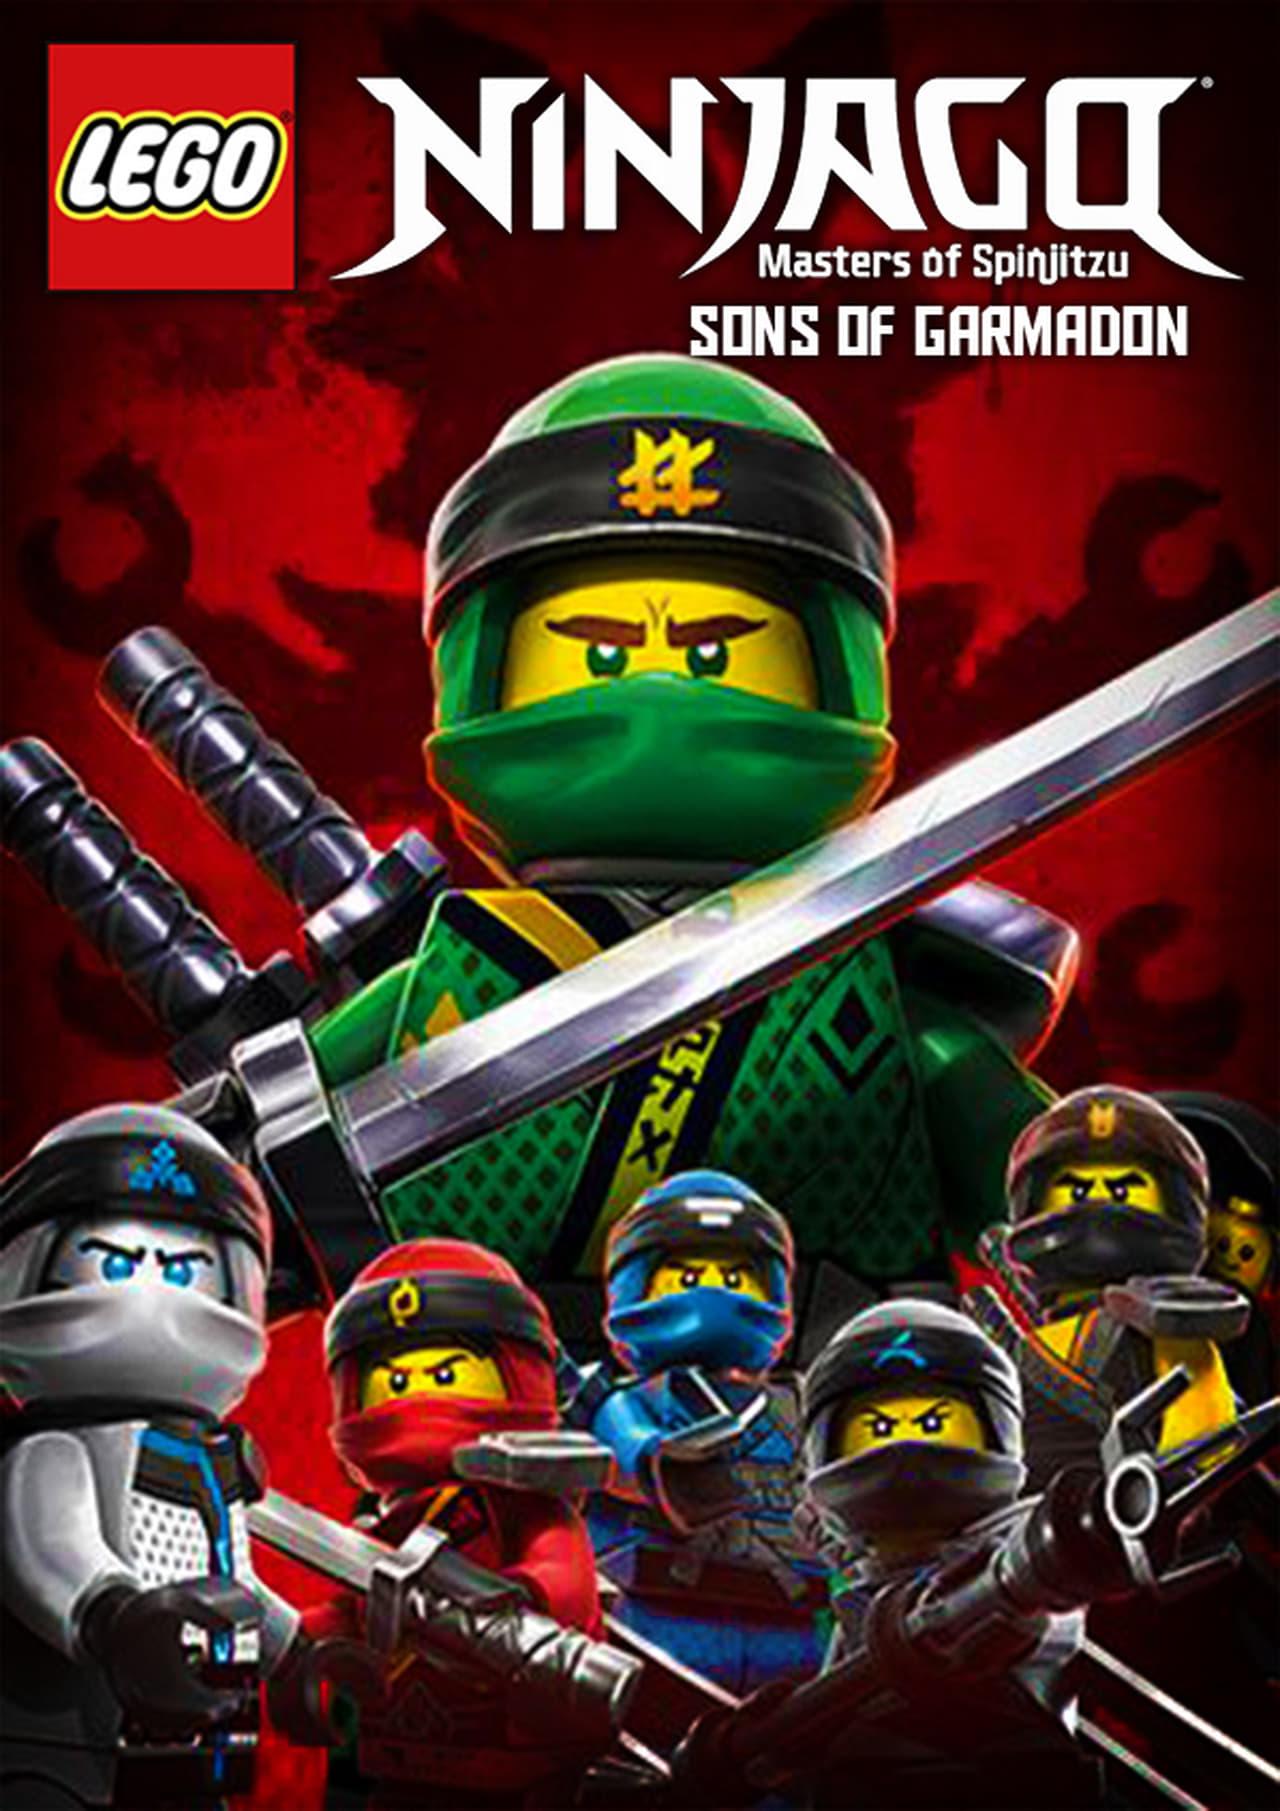 Watch lego ninjago: masters of spinjitzu season 8 Episode ...